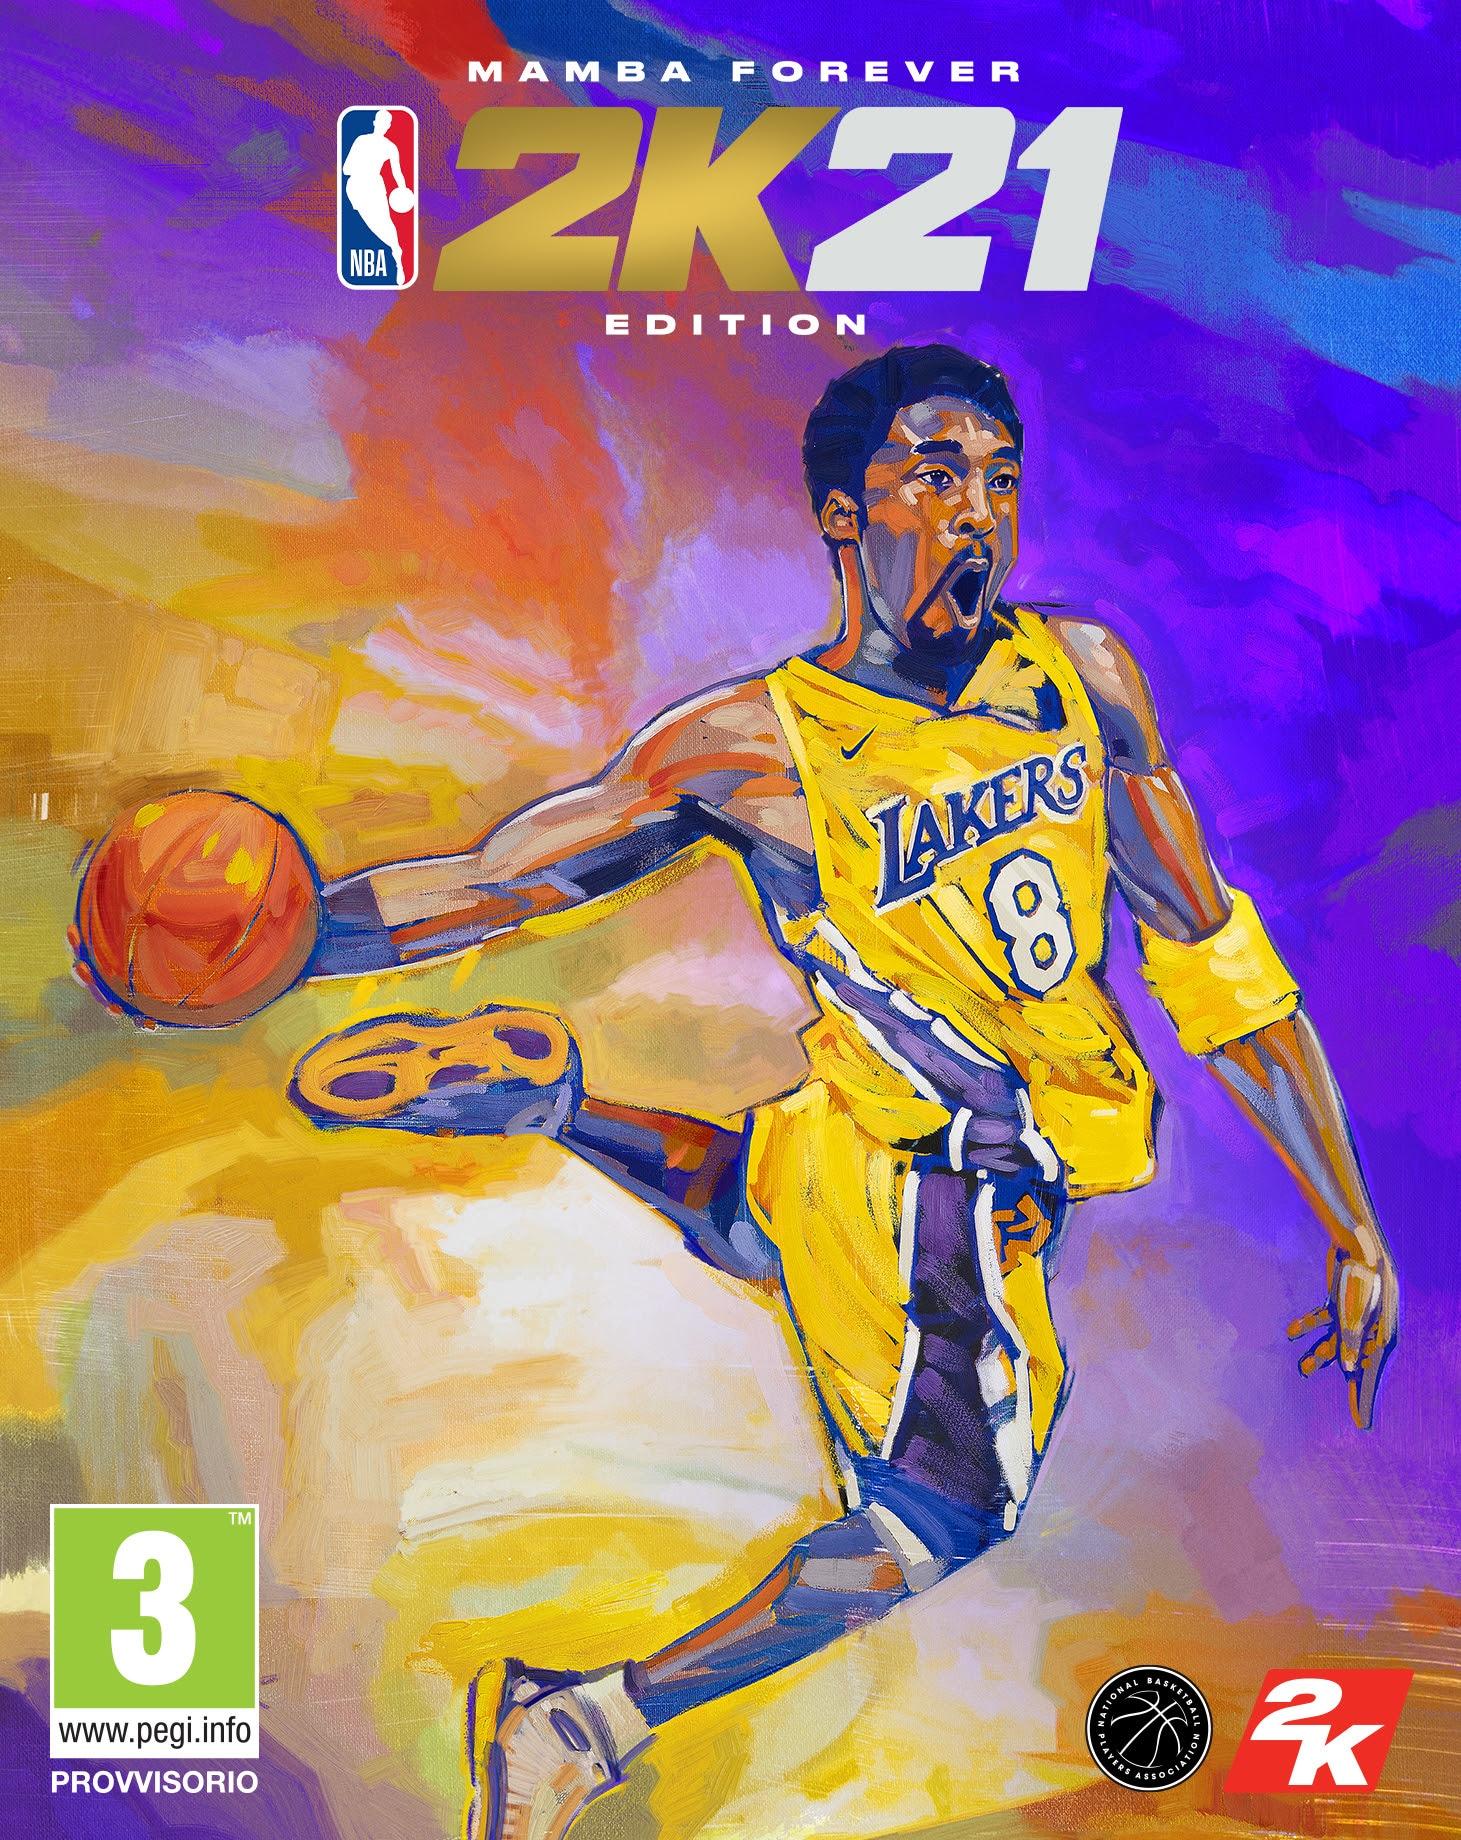 La cover della Mamba Forever Edition per PS4 e Xbox One